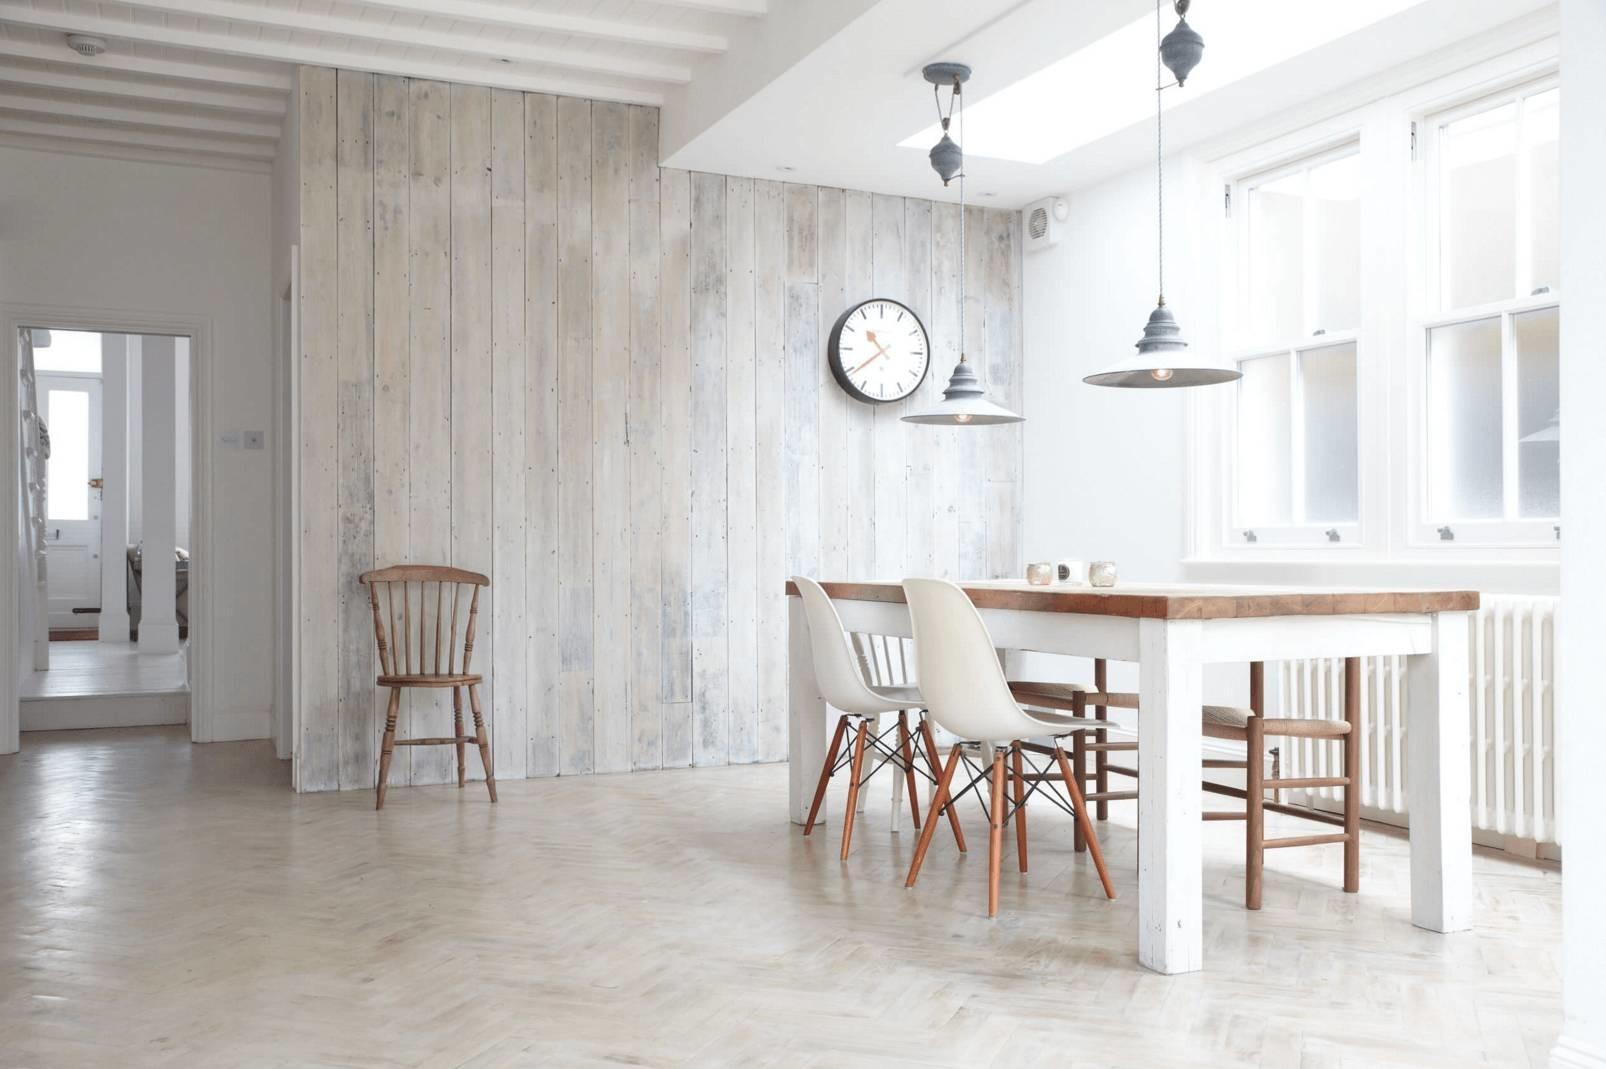 Le style scandinave a longtemps été synonyme de simplicité, de minimalisme et de lumière naturelle à l'intérieur.